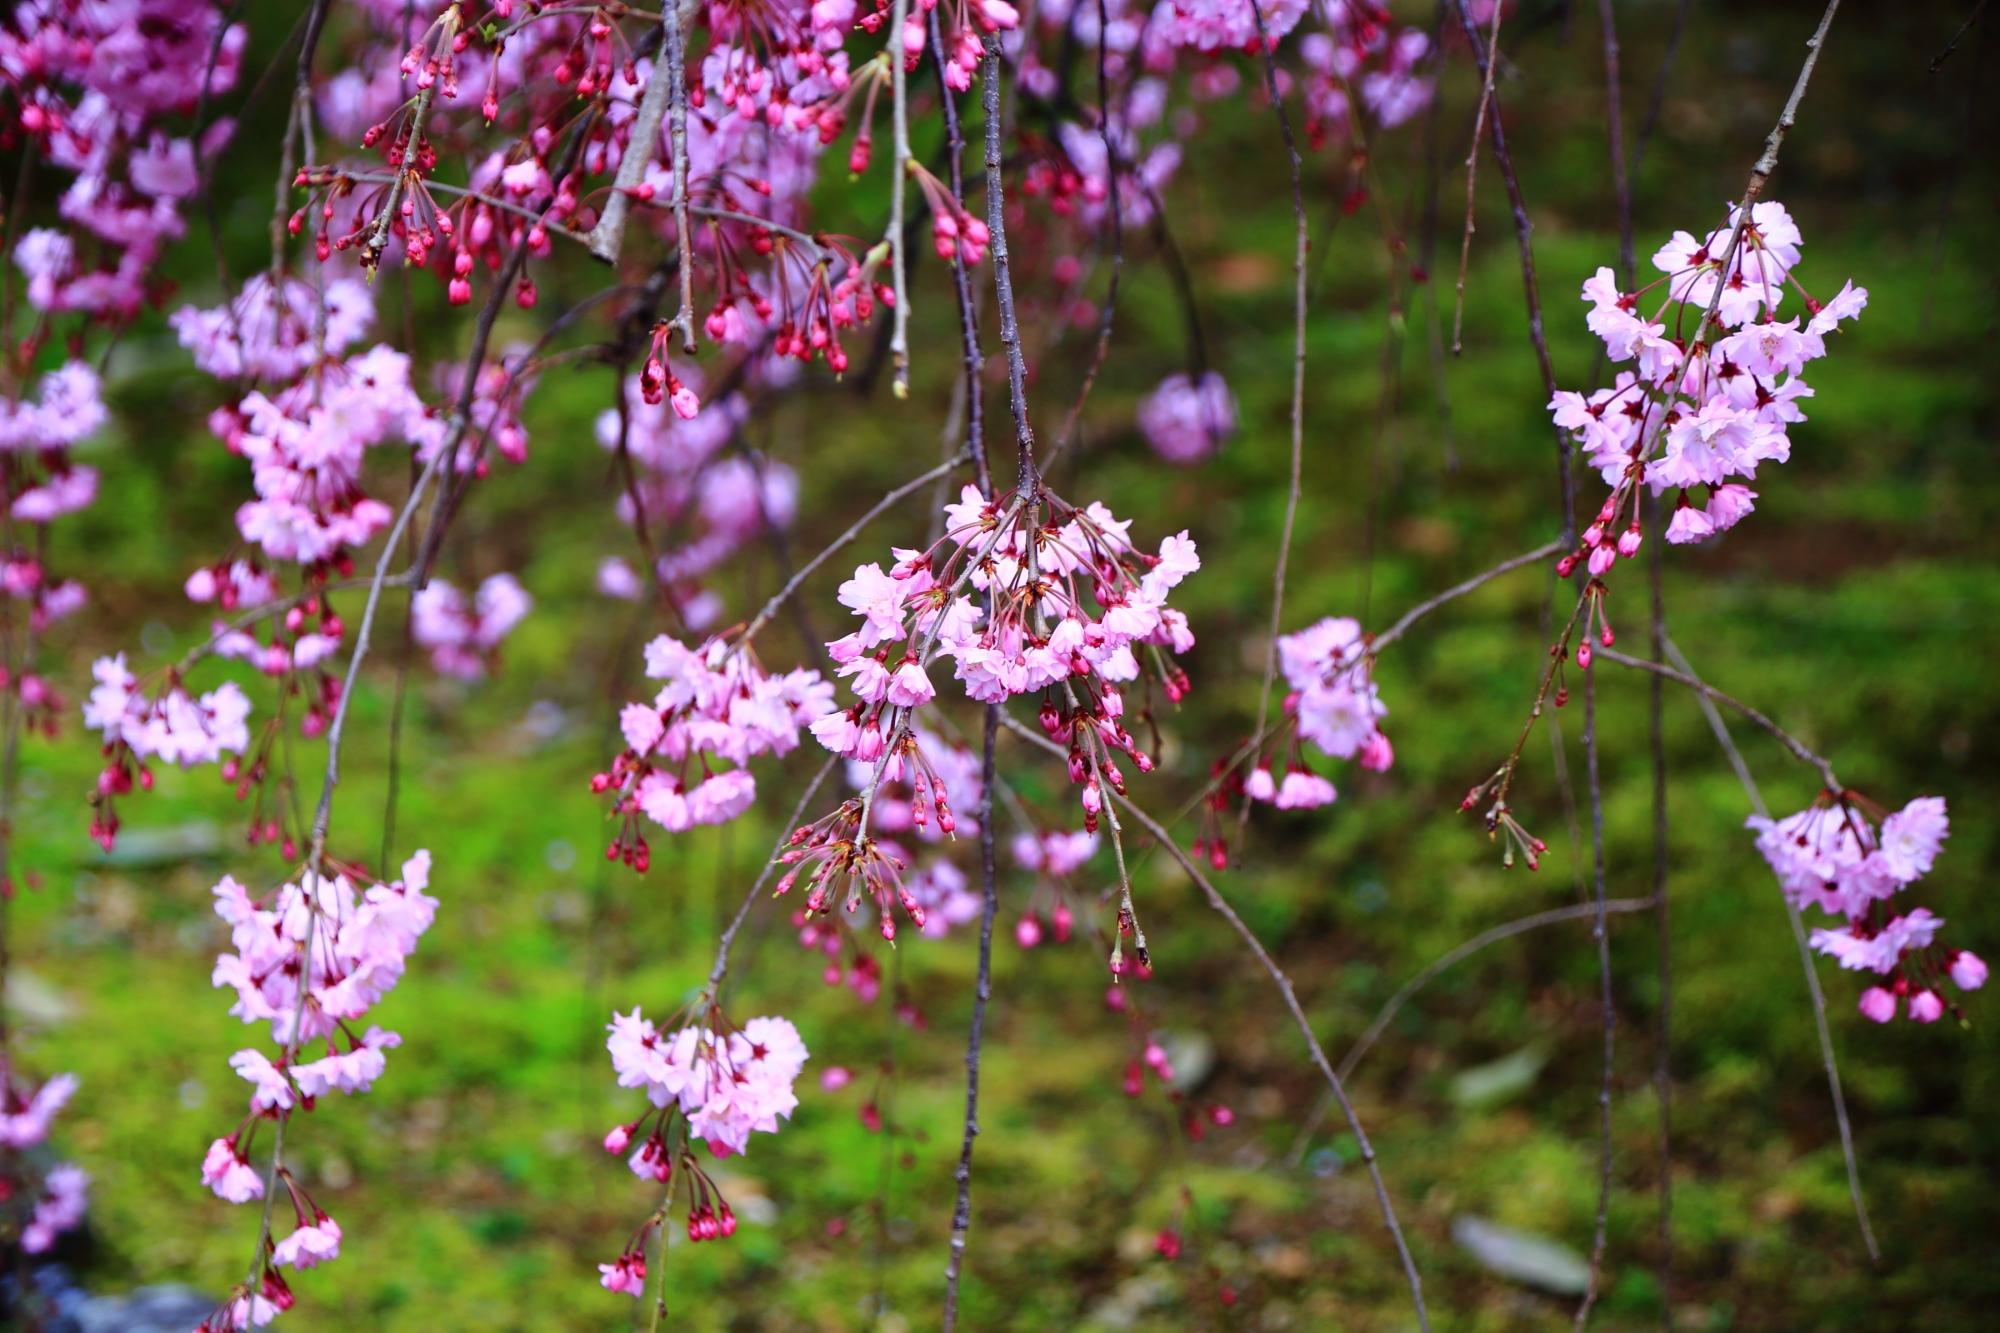 緑の苔を彩る鮮やかなピンクのしだれ桜